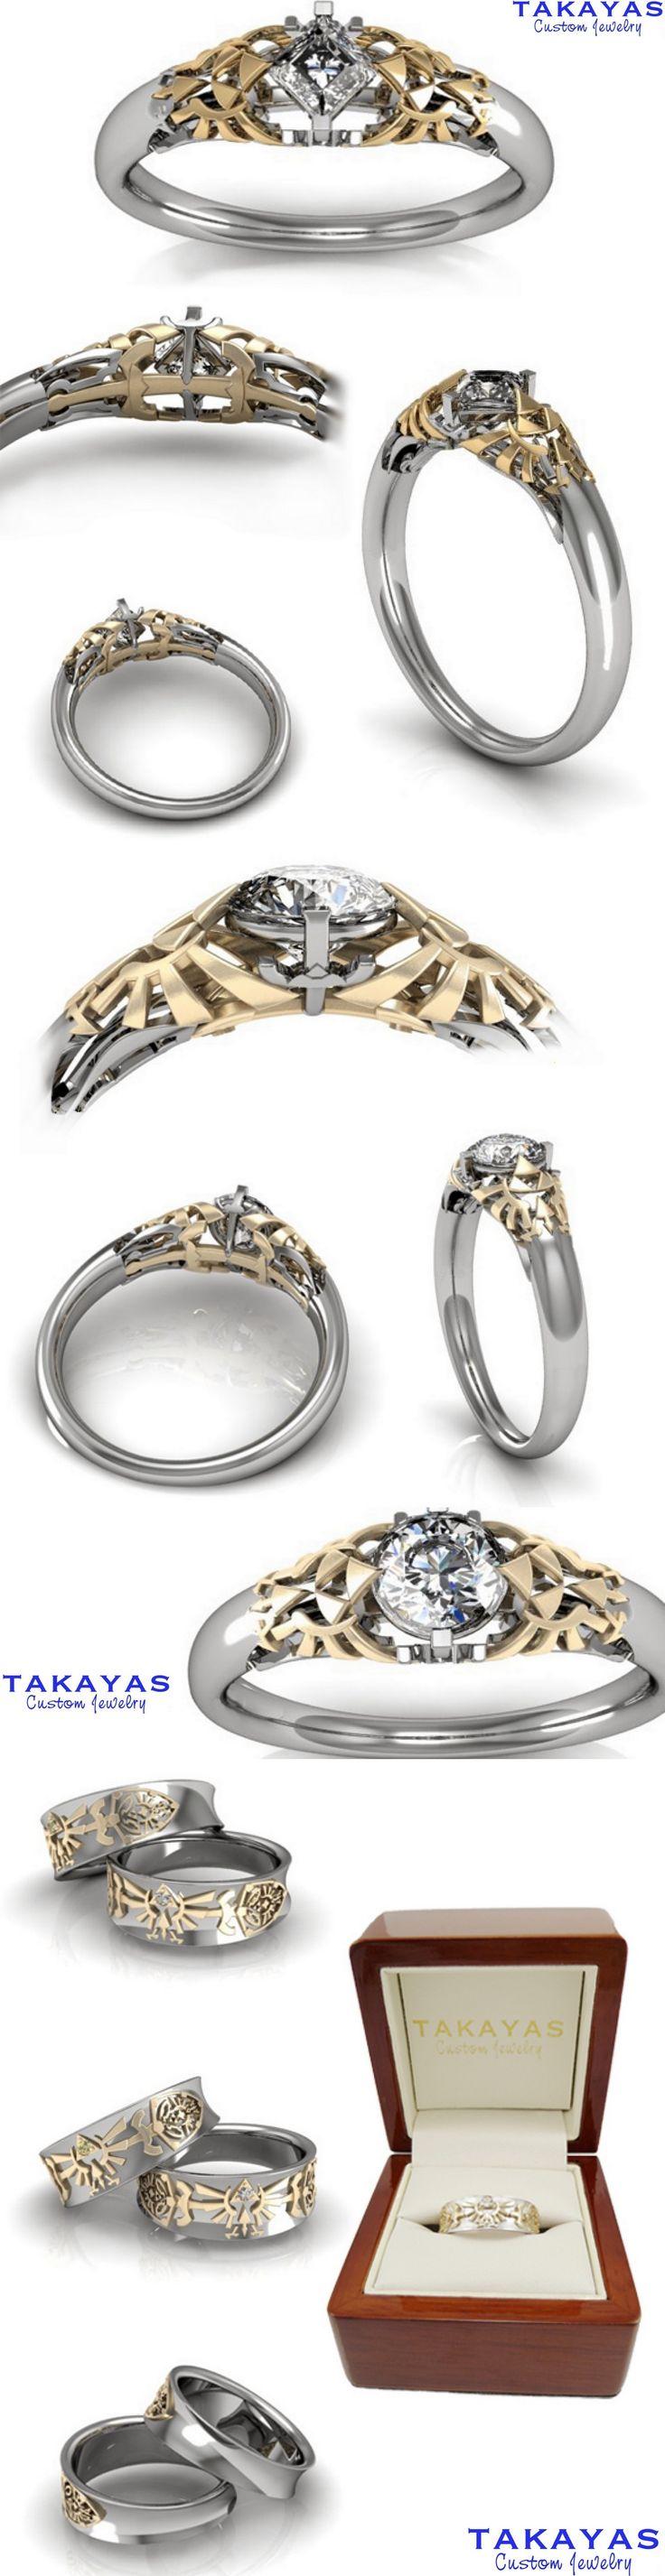 Legend of Zelda Wedding Collection by Takayas Custom Jewelry   http://pinterest.com/zeldanet/zelda-way-of-life/ THIS IS BEAUTIFUL